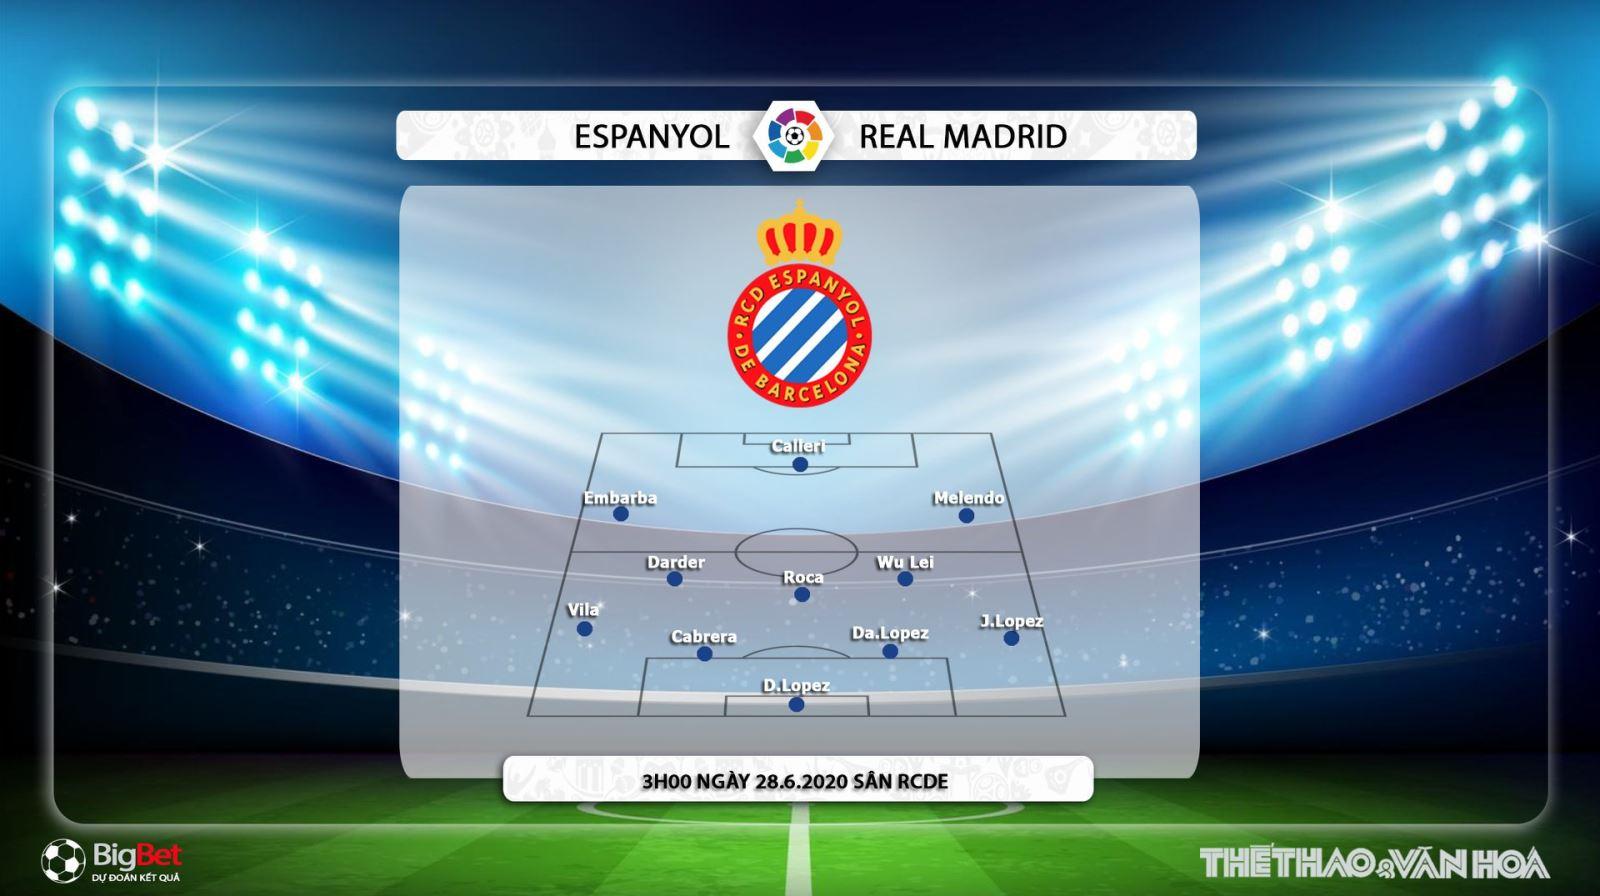 Keo nha cai, kèo nhà cái, Espanyol vs Real Madrid, Trực tiếp bóng đá Tây Ban Nha, Bóng đá TV, BĐTV, soi kèo Real Madrid đấu với Espanyol, lịch thi đấu bóng đá Tây Ban Nha